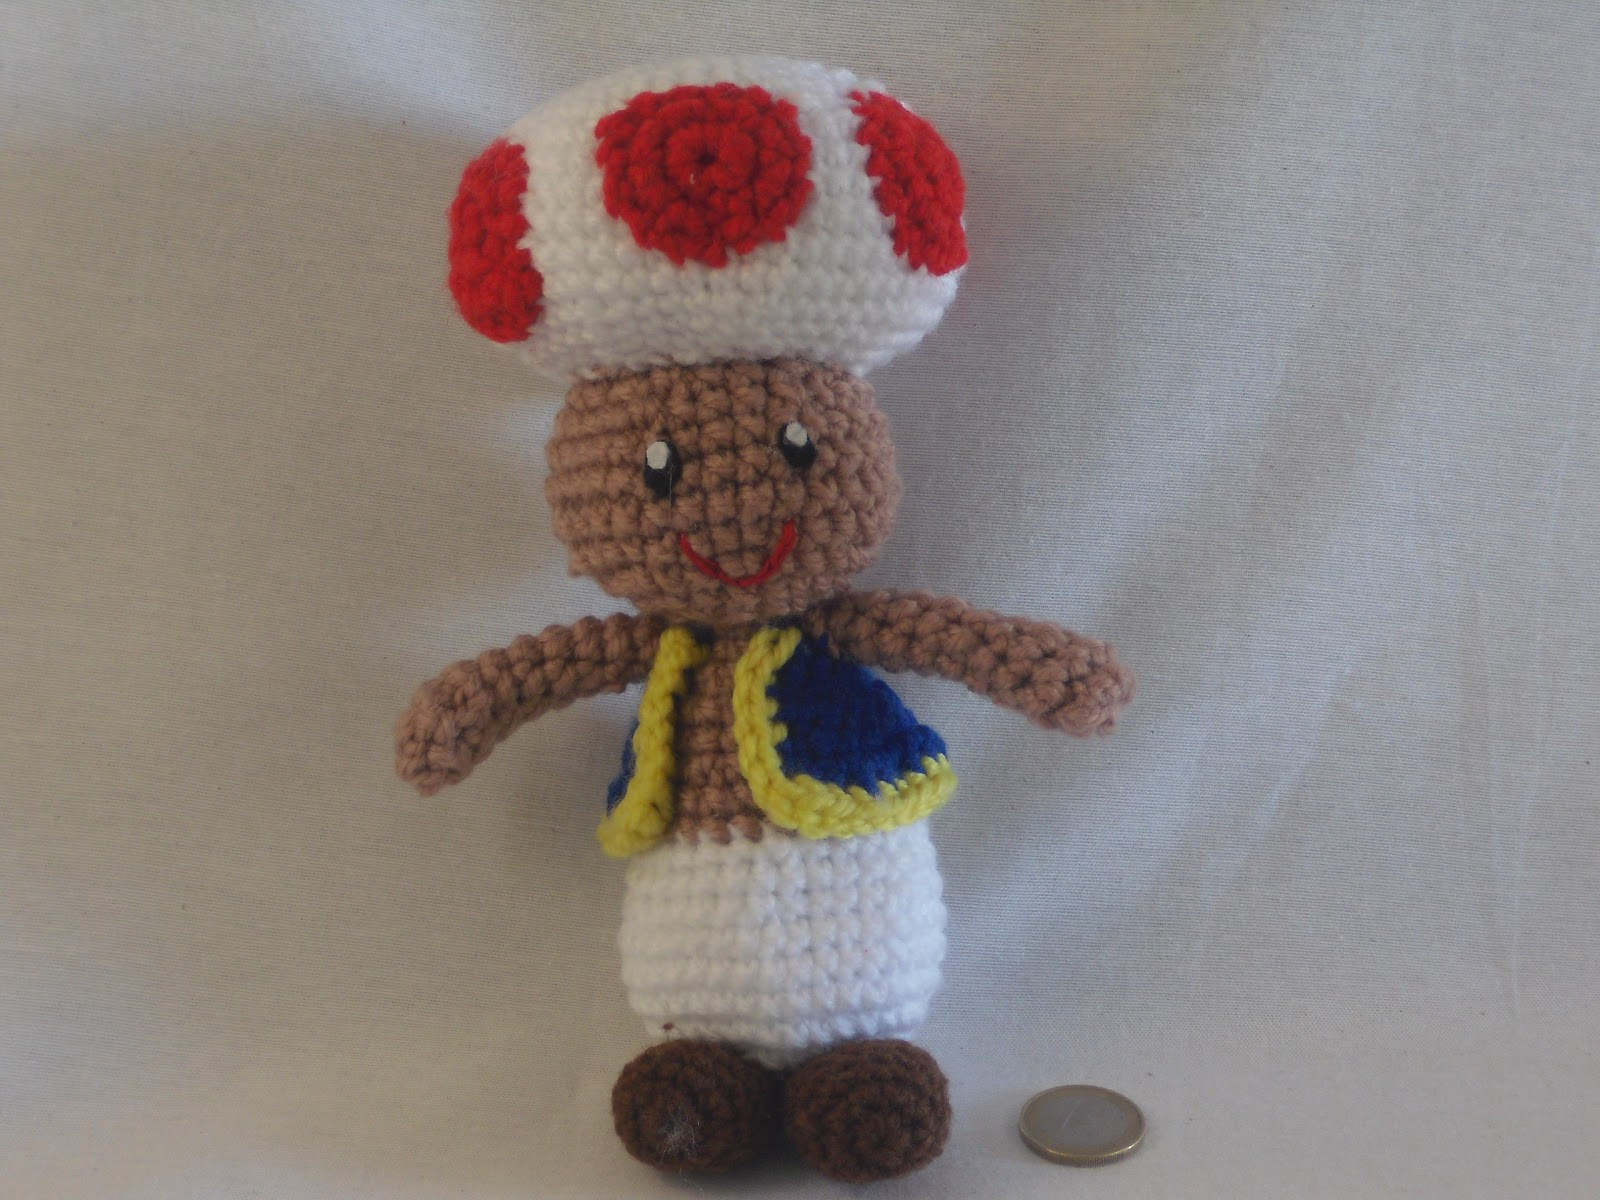 Patron Amigurumi Mario Bros En Espanol : Amigurumis en espanol: Toad amigurumi con patron en espanol.